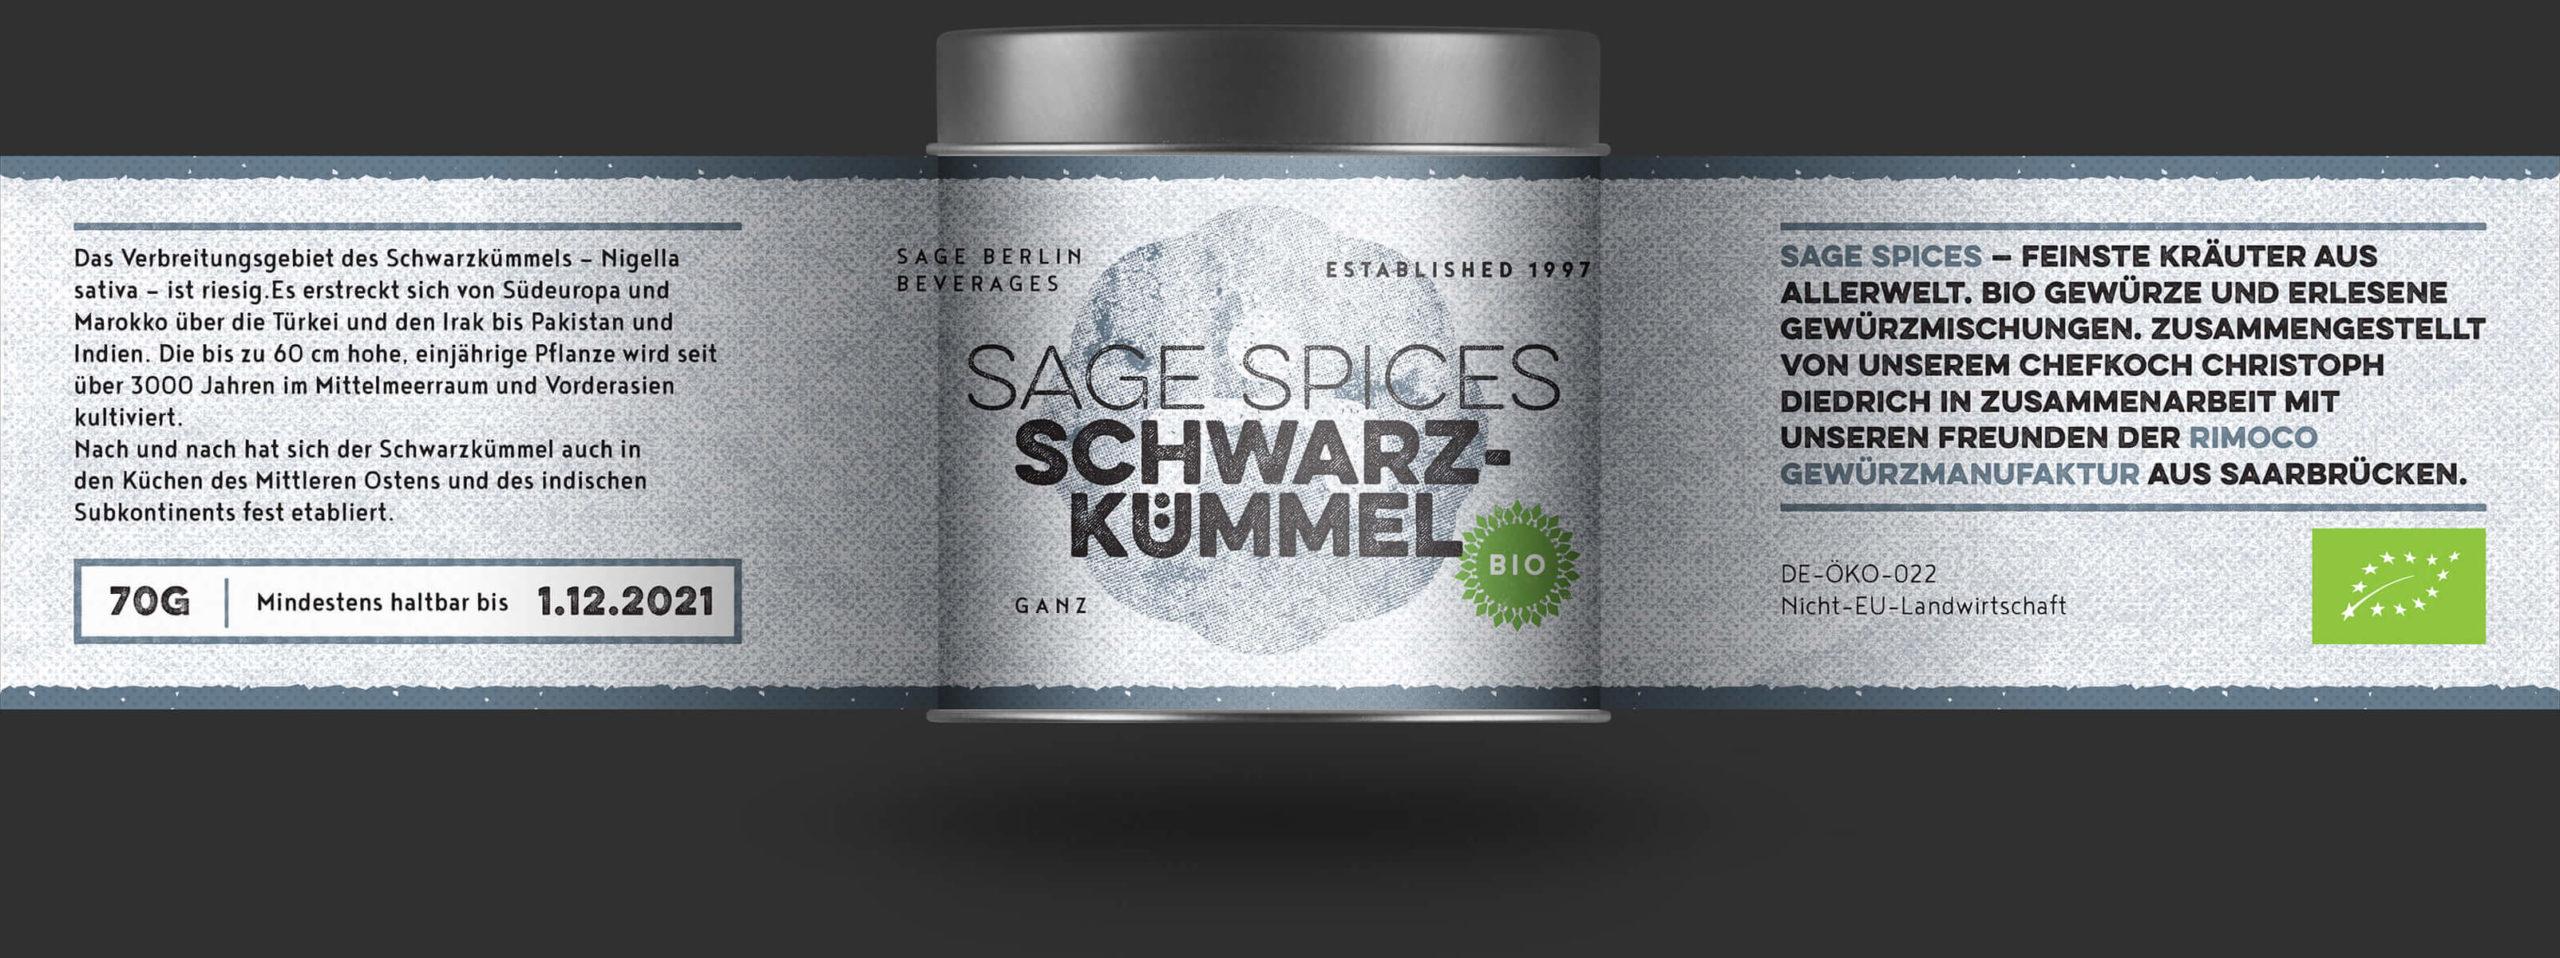 sage_spices_dose_ganz-1